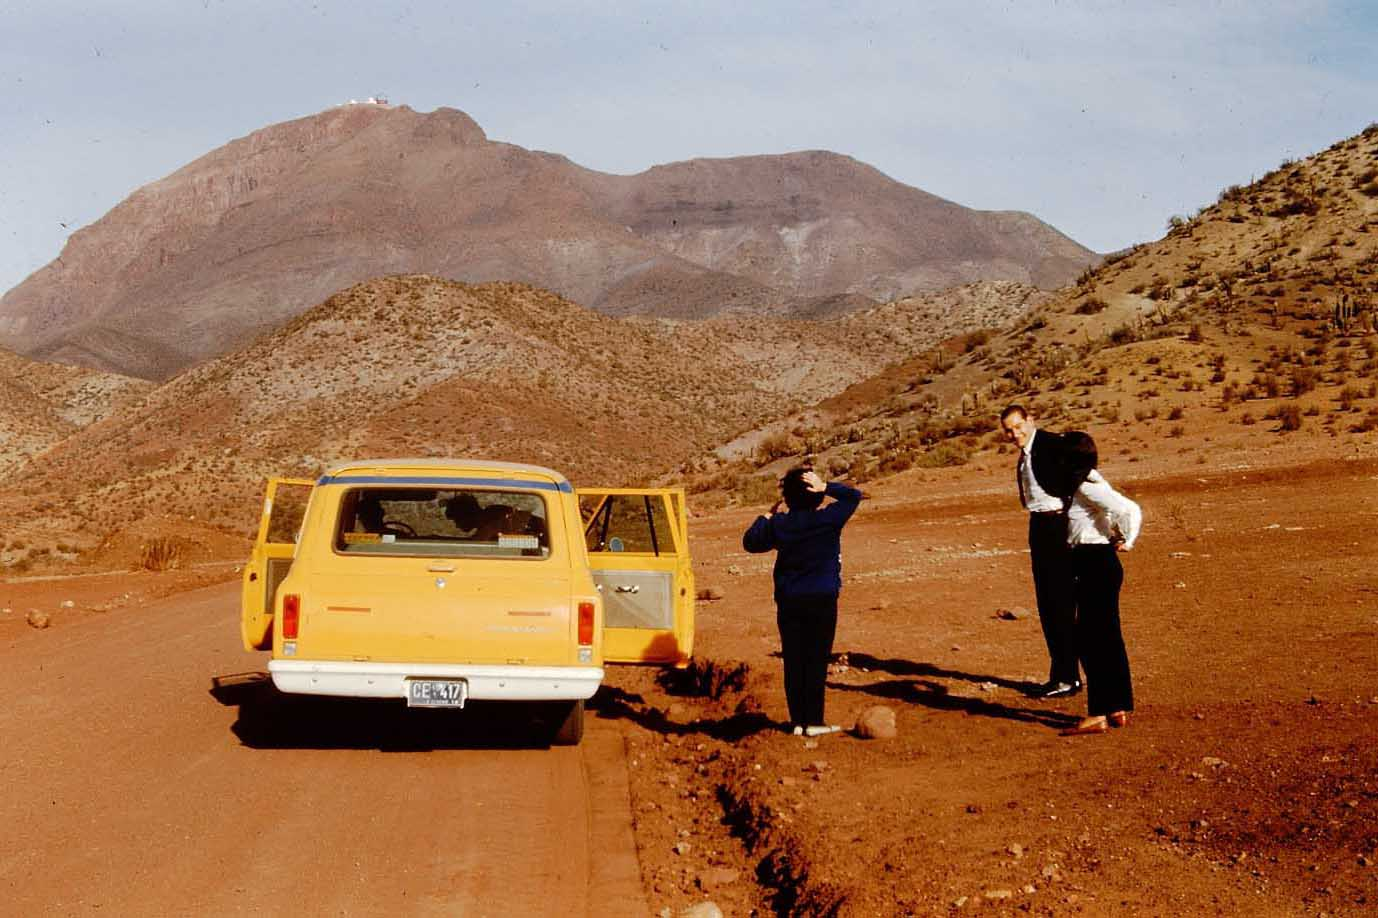 Enterreno - Fotos históricas de chile - fotos antiguas de Chile - Subida al Cerro Tololo en 1975